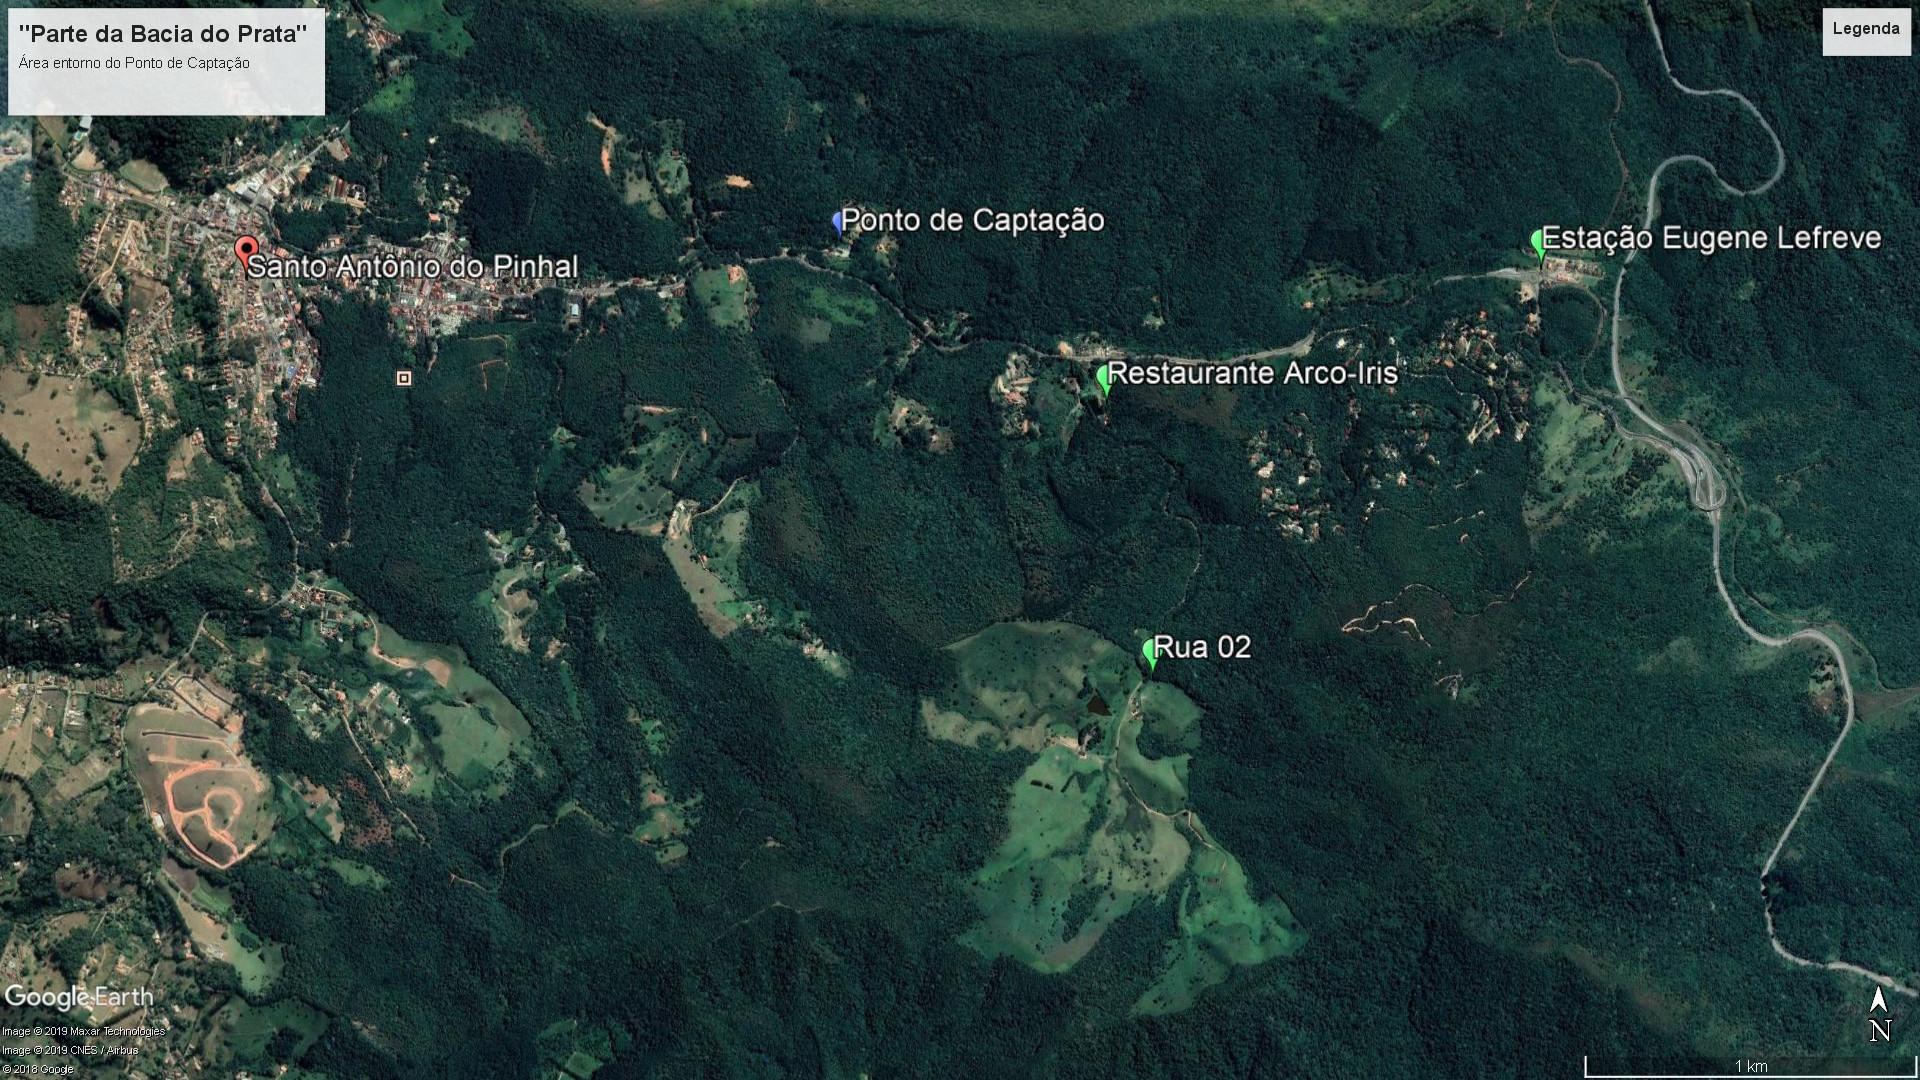 Imagem de satélite da Bacia do Prata em Santo Antônio do Pinhal